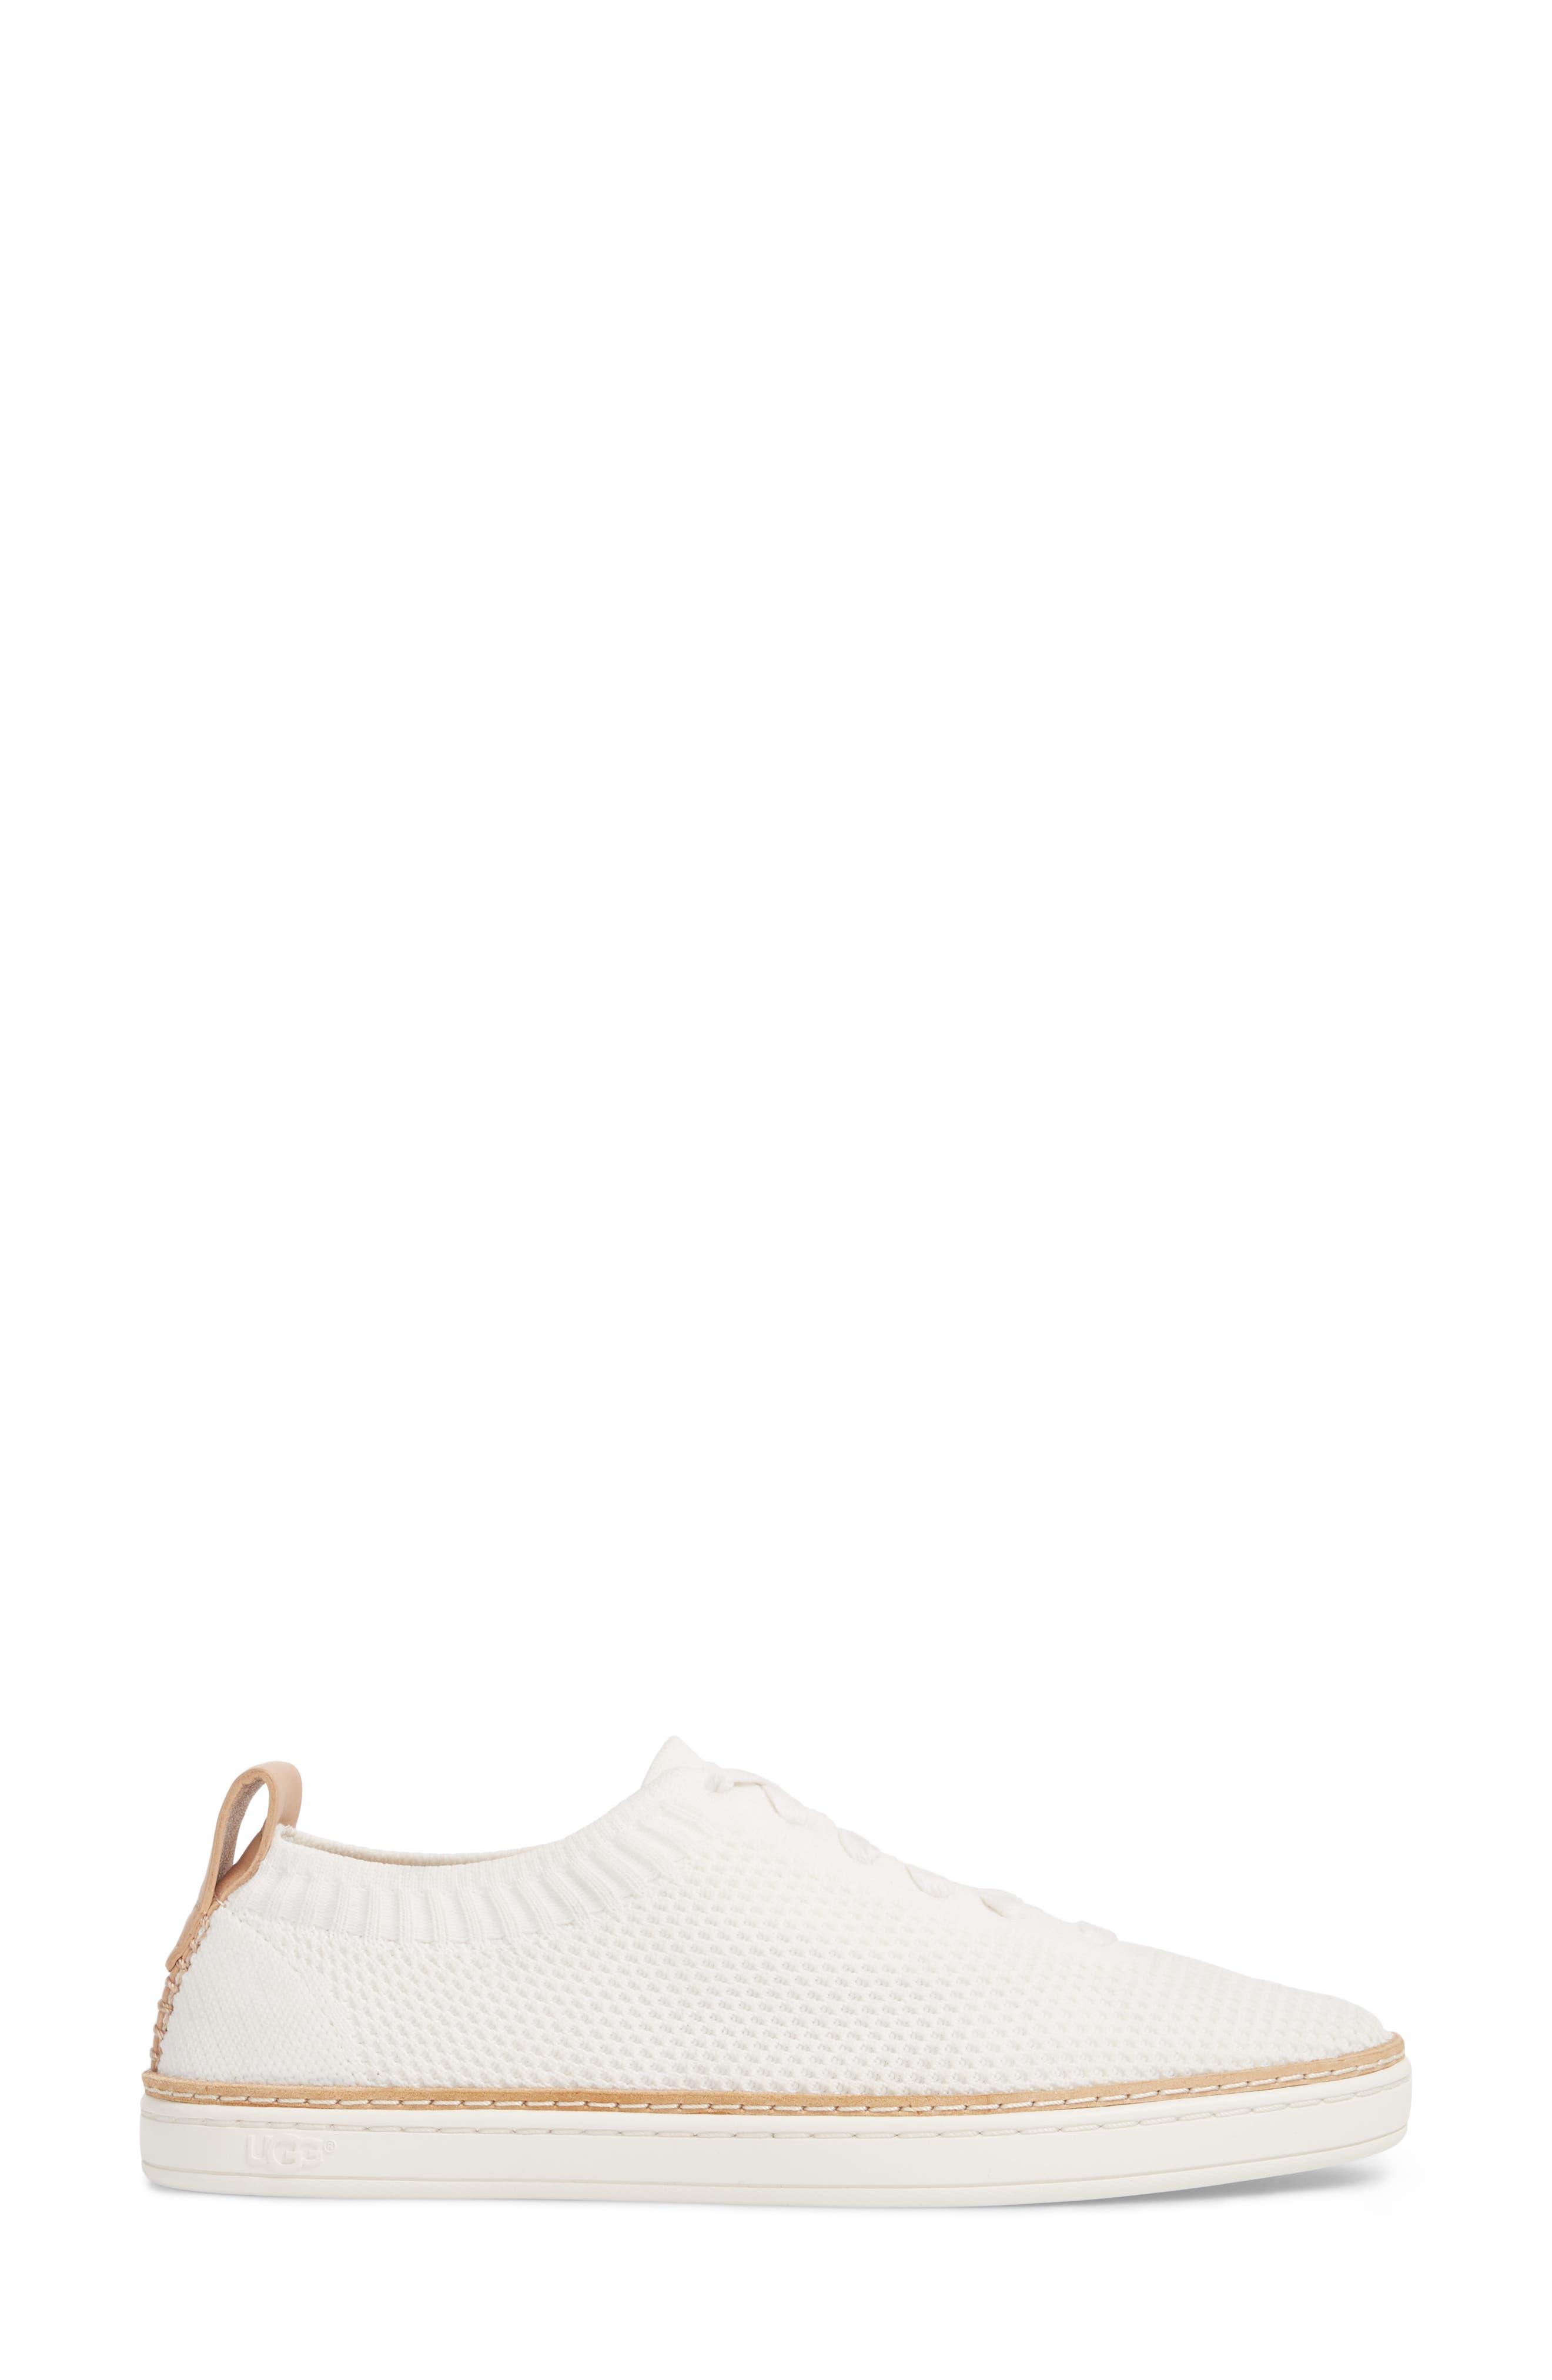 Sidney Sneaker,                             Alternate thumbnail 3, color,                             100